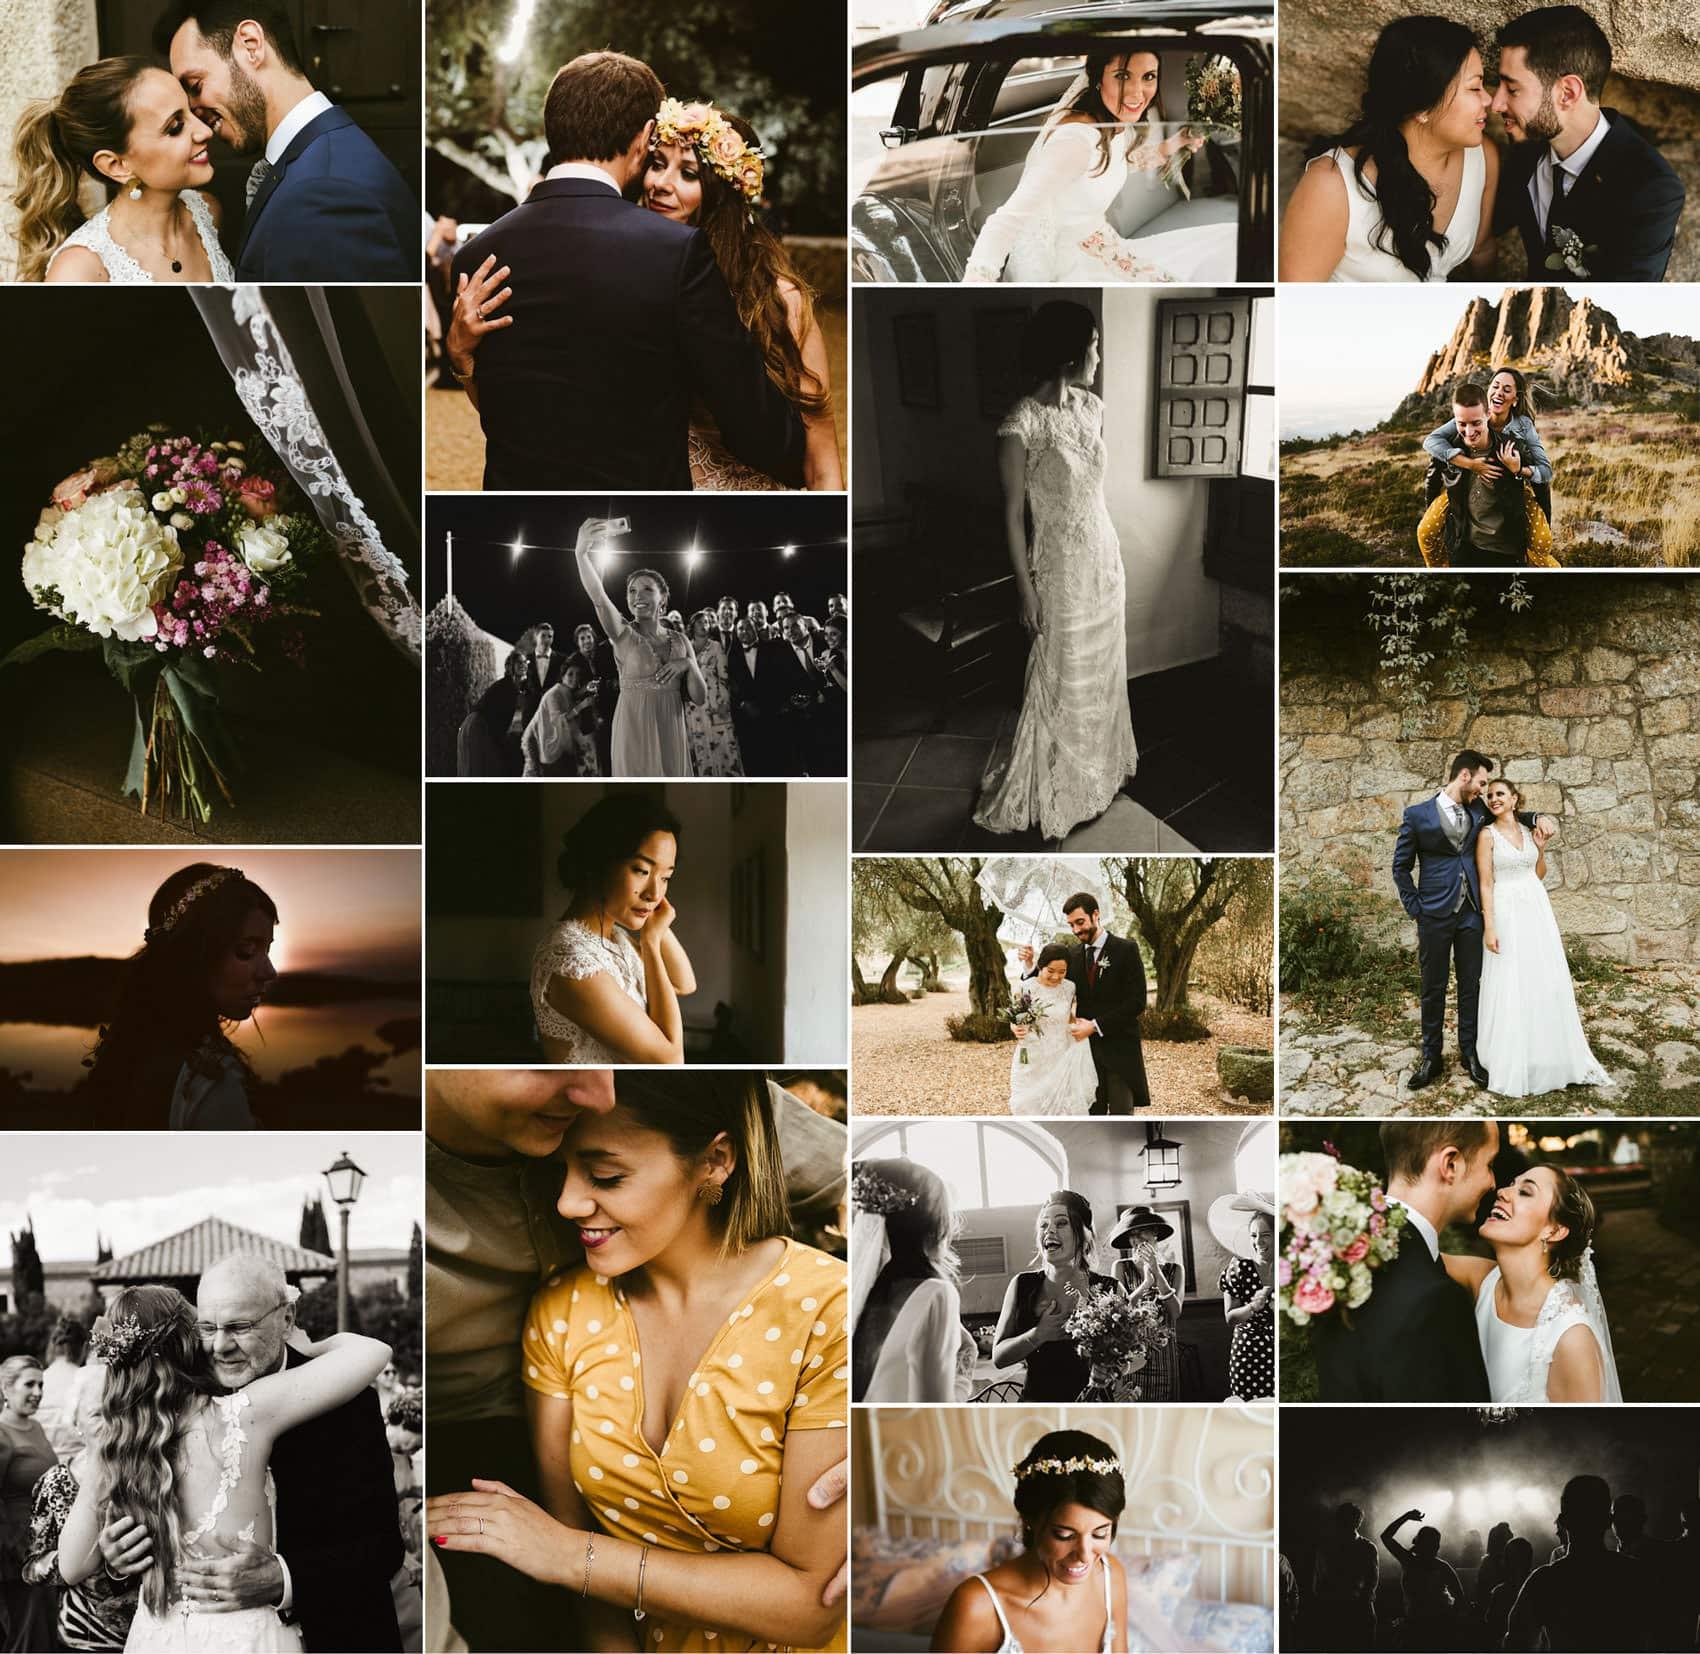 fotografo de bodas caceres badajoz extremadura